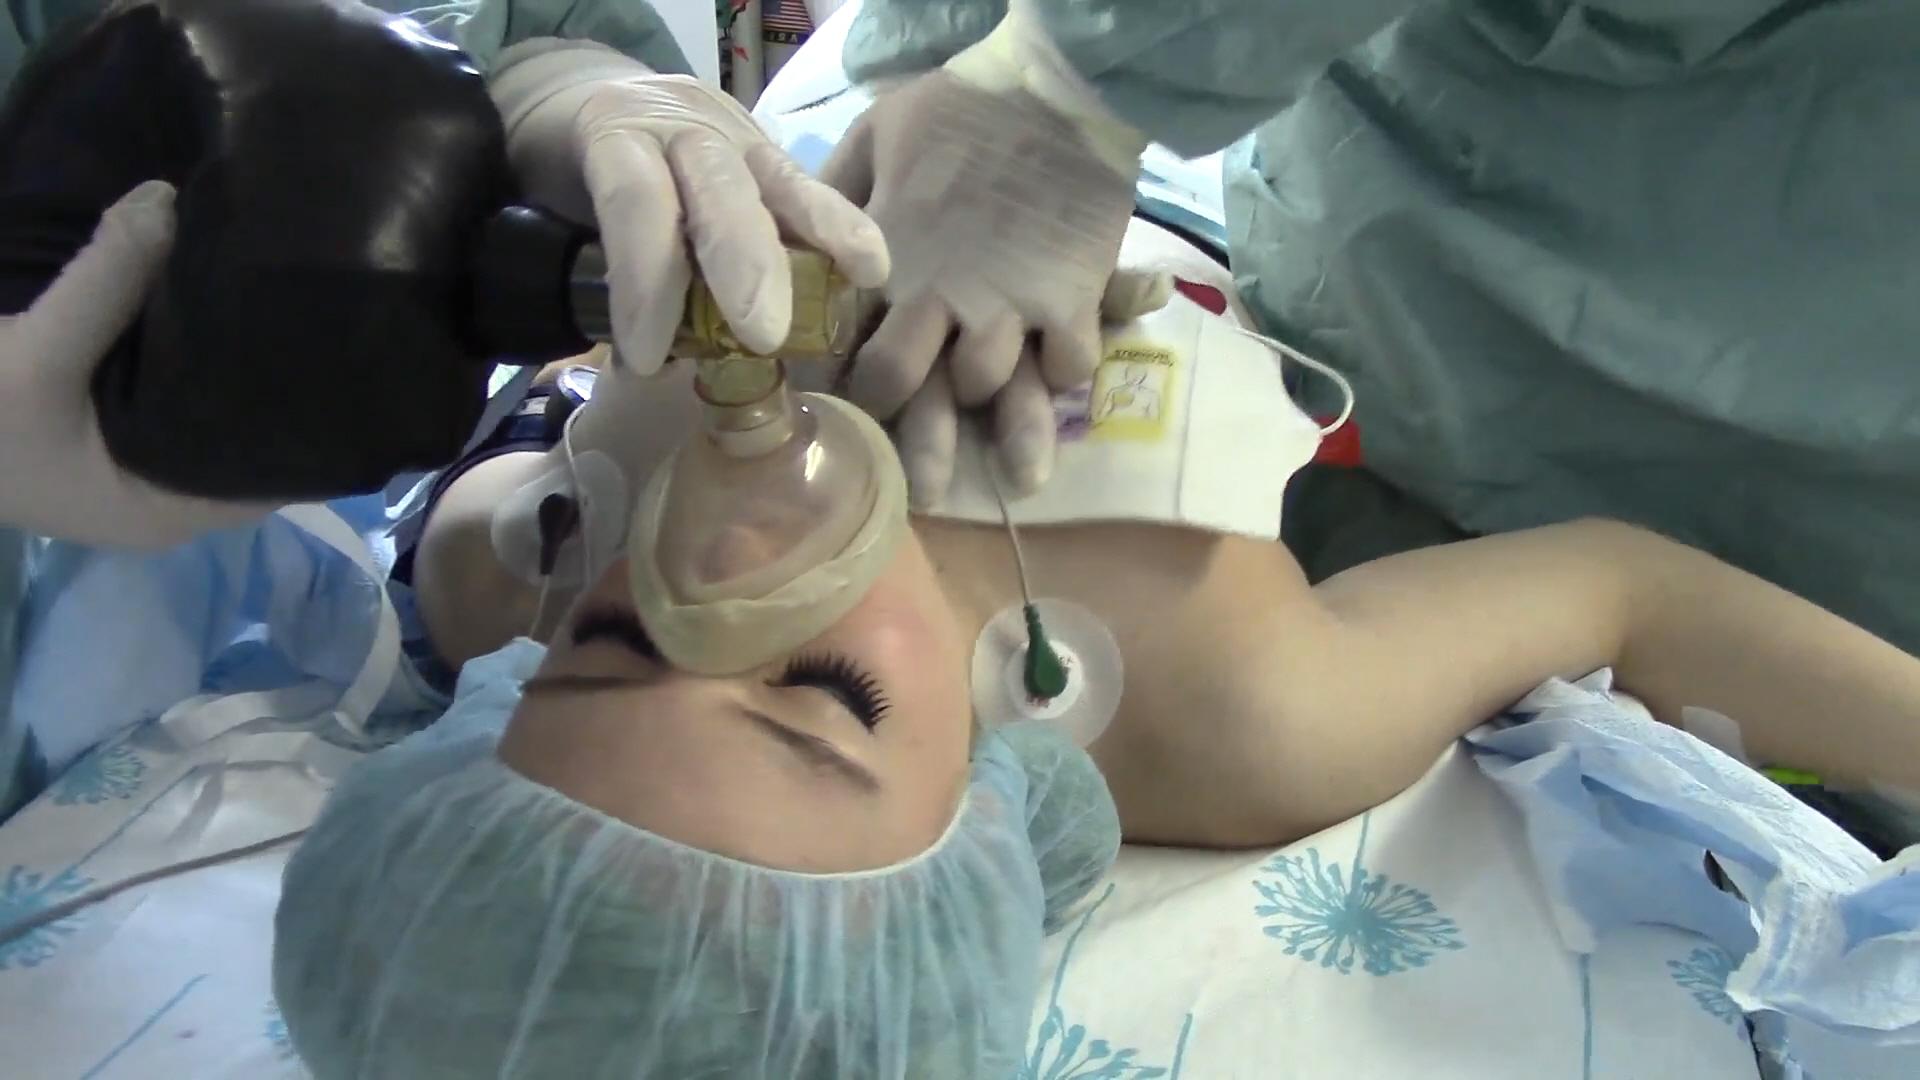 Трахнули под наркозом онлайн, Зубной врач сделал грудастой пациентке наркоз 24 фотография